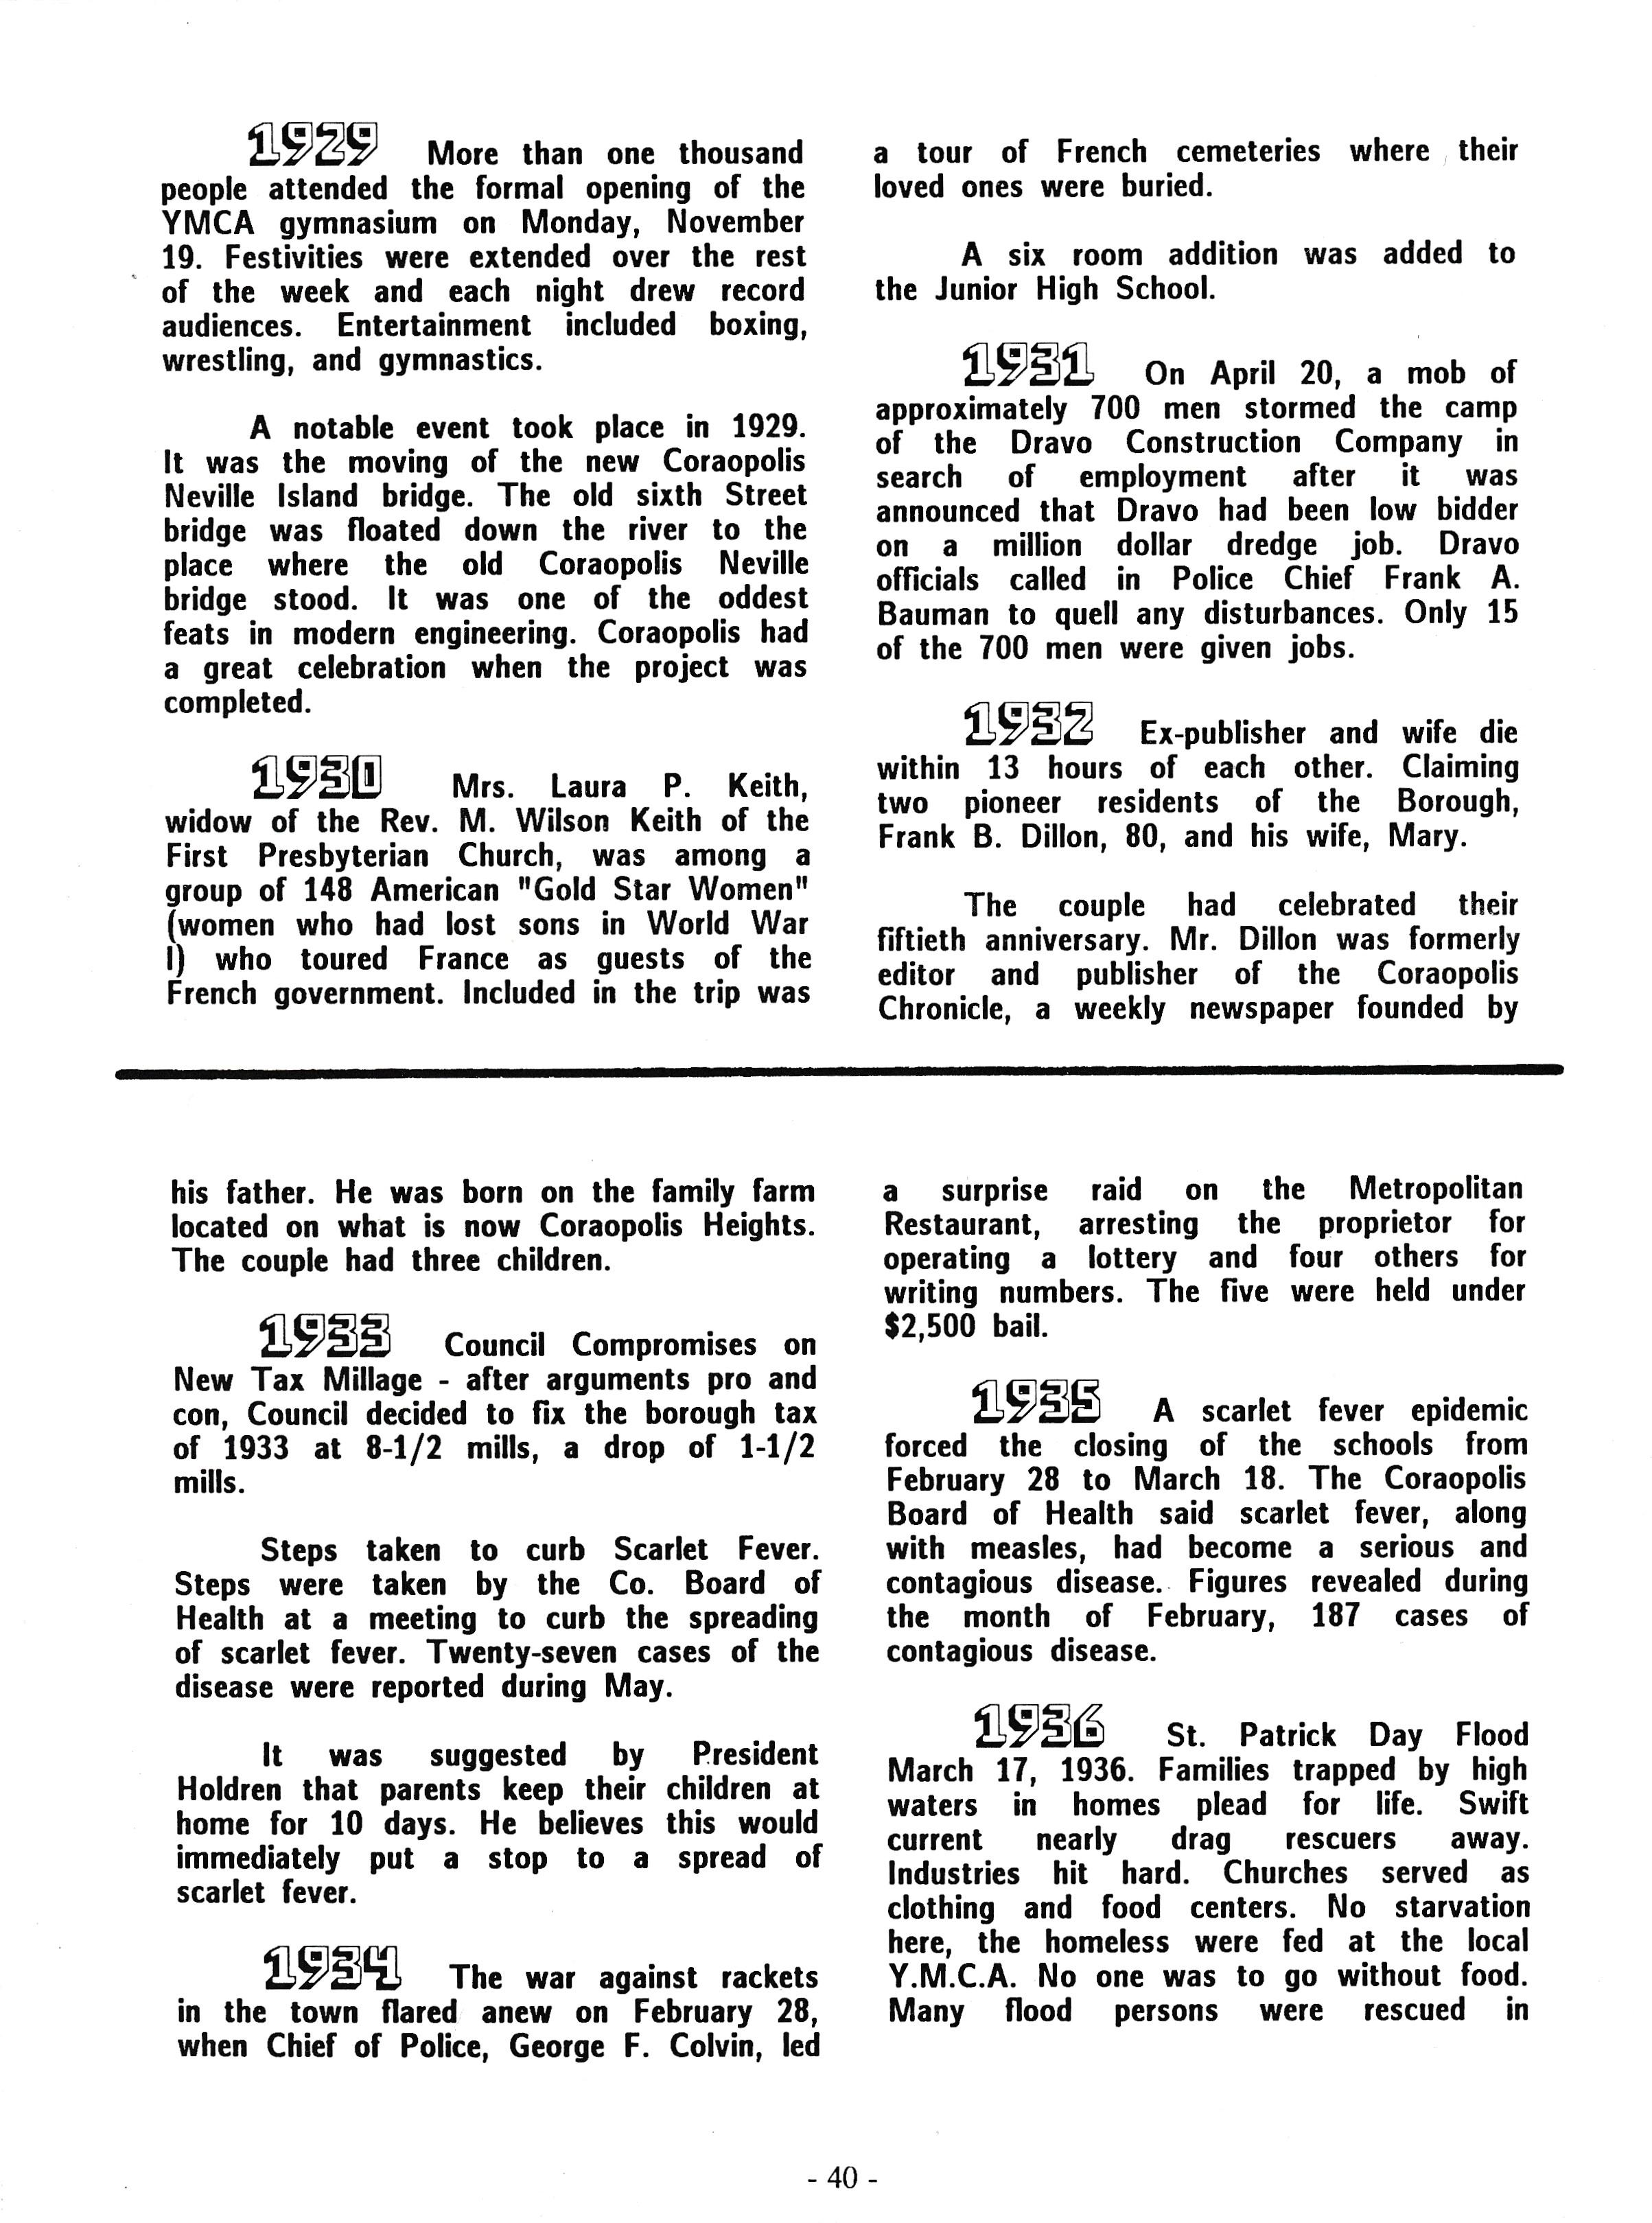 Coraopolis Centennial Booklet (42).jpg